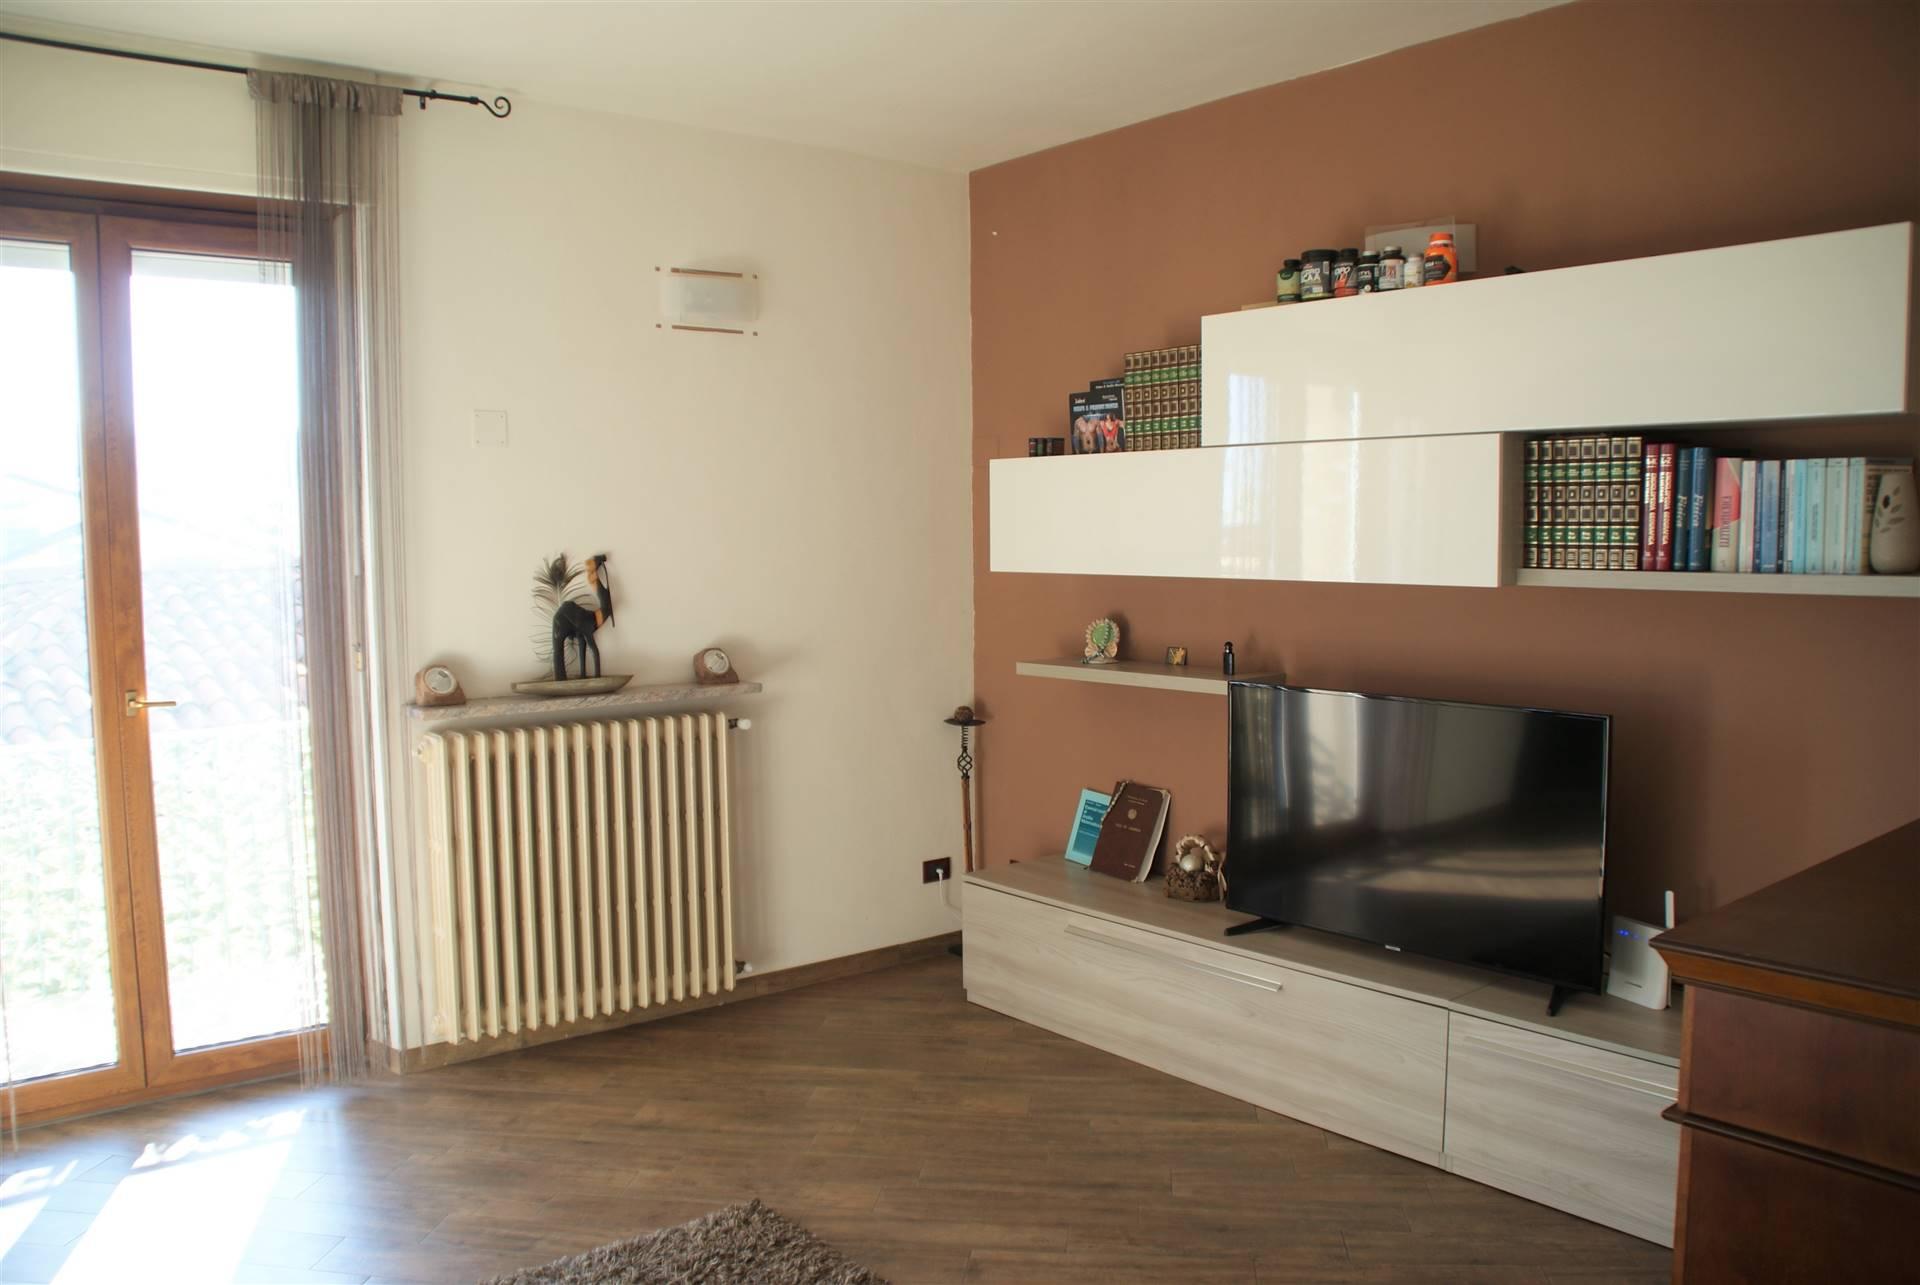 Appartamento in vendita a Occhieppo Superiore, 4 locali, zona Zona: Galfione, prezzo € 59.000   CambioCasa.it